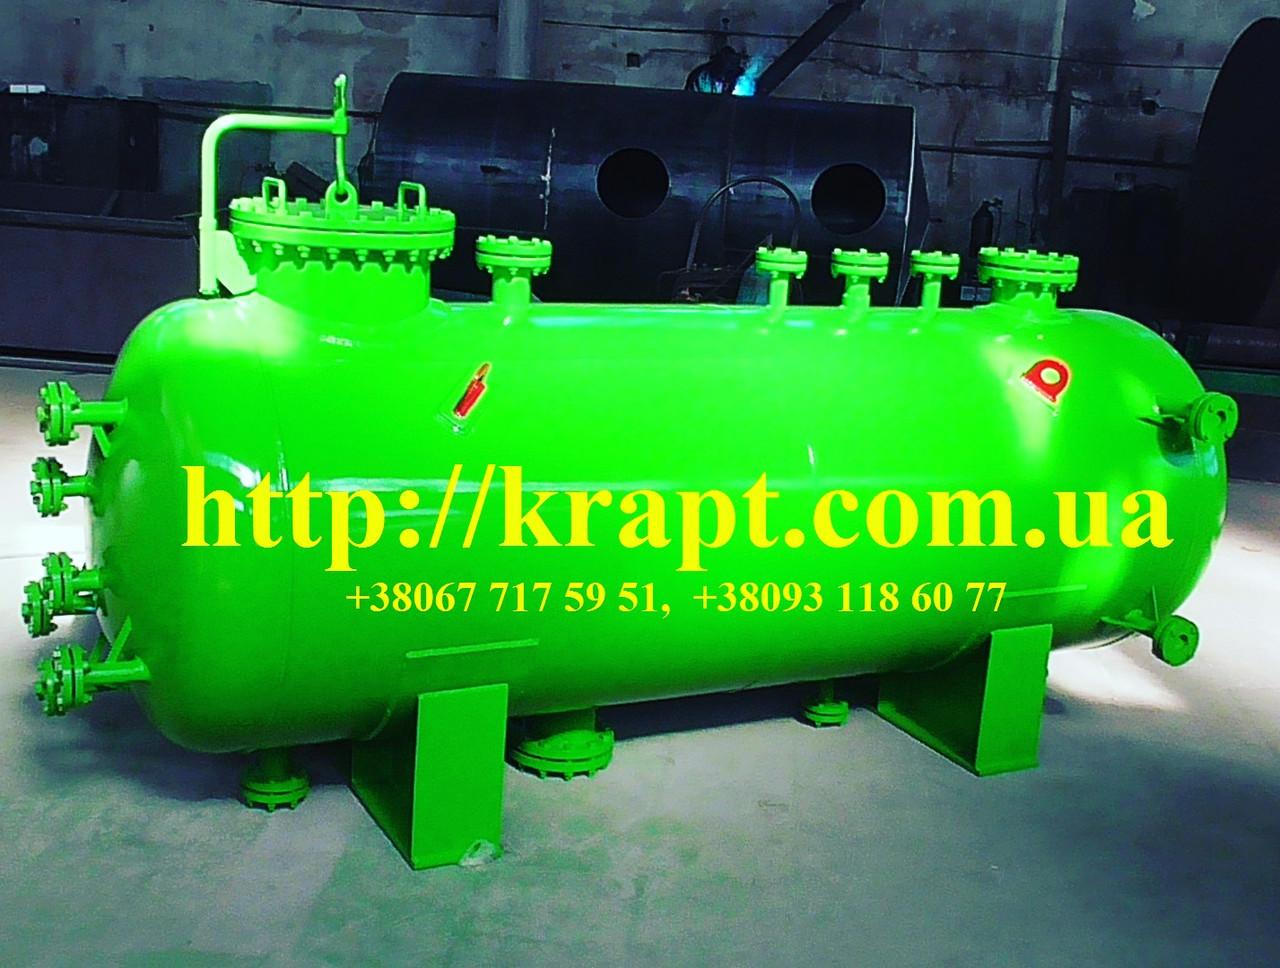 Резервуар, Емкость, Бак V=4м3 - КРАПТ  компания производитель- емкостное, резервуарное, теплообменное оборудование  в Житомирской области